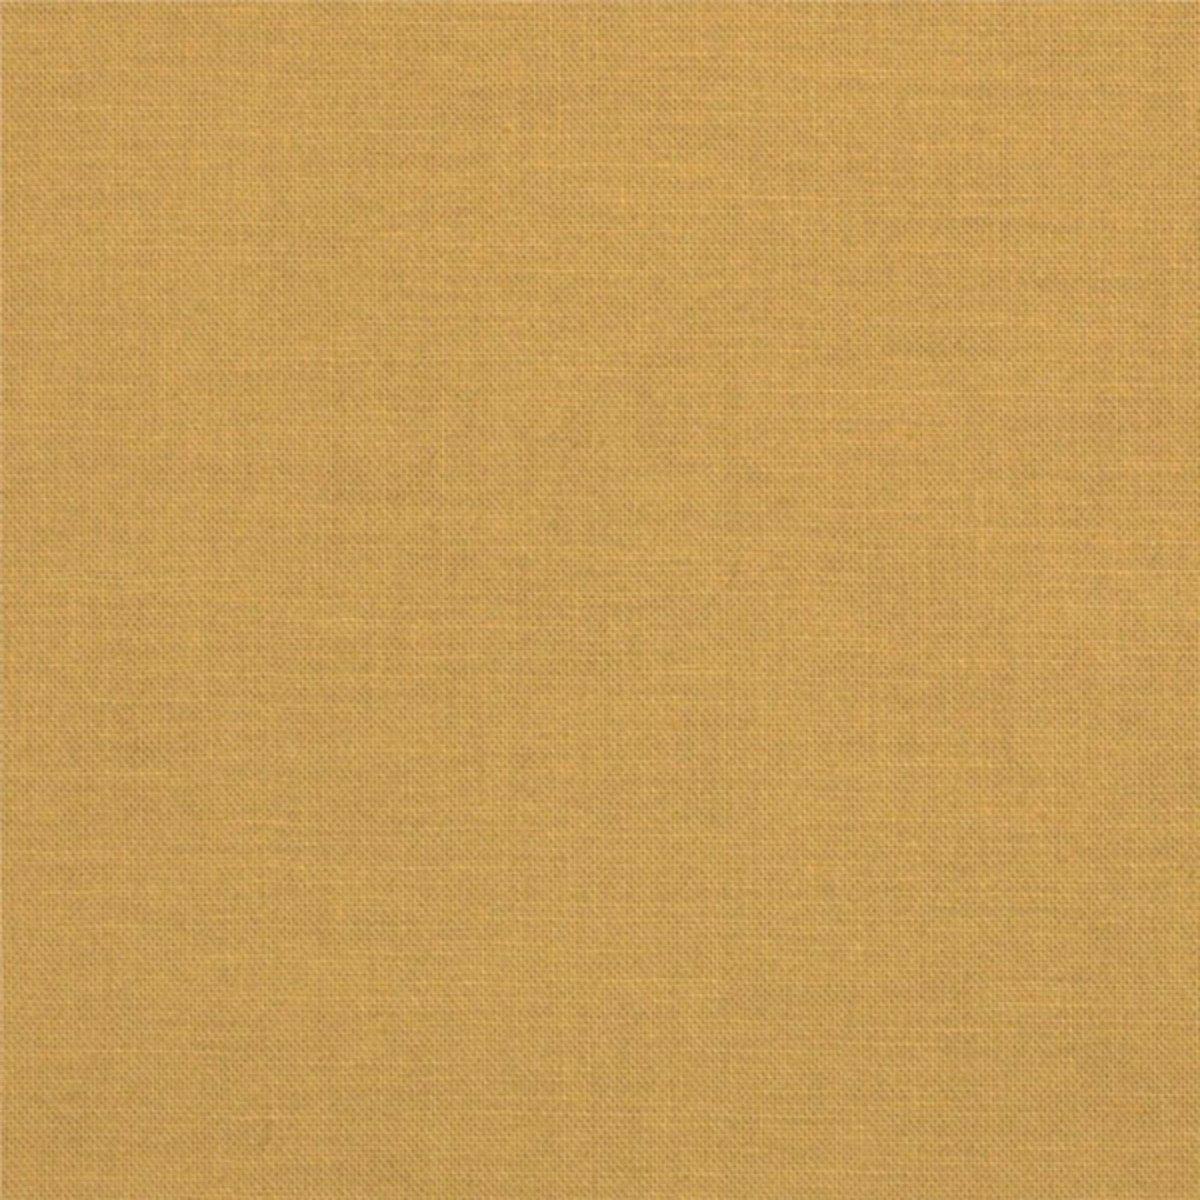 Kona Cotton in Honey by Robert Kaufman